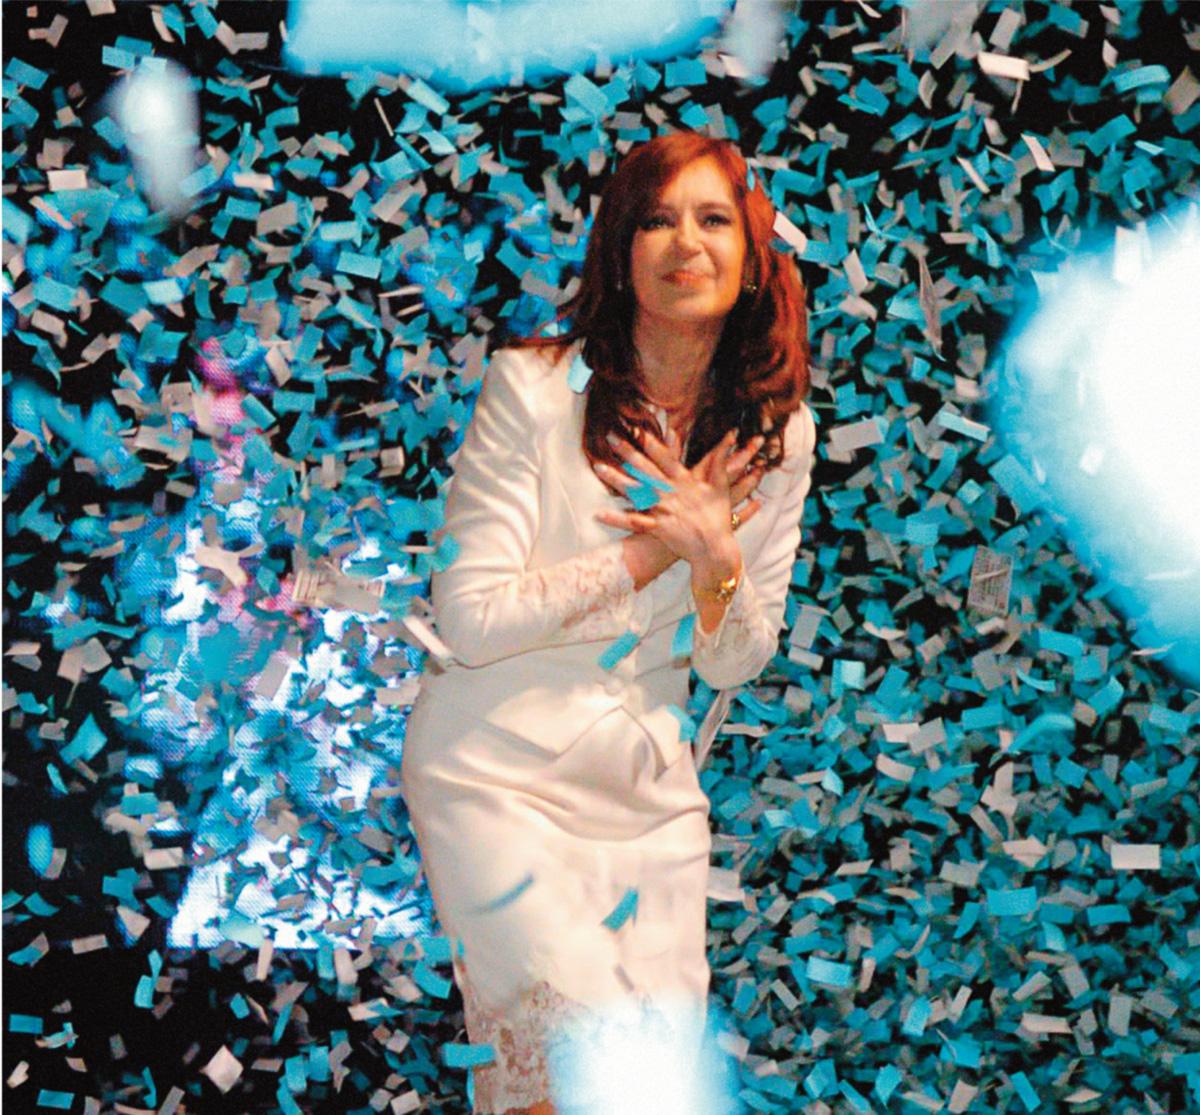 """Língua solta, Cristina respondeu com vigor a uma pergunta sobre as relações do governo de seu marido com os Estados Unidos: """"Kirchner só teve relações carnais comigo"""""""